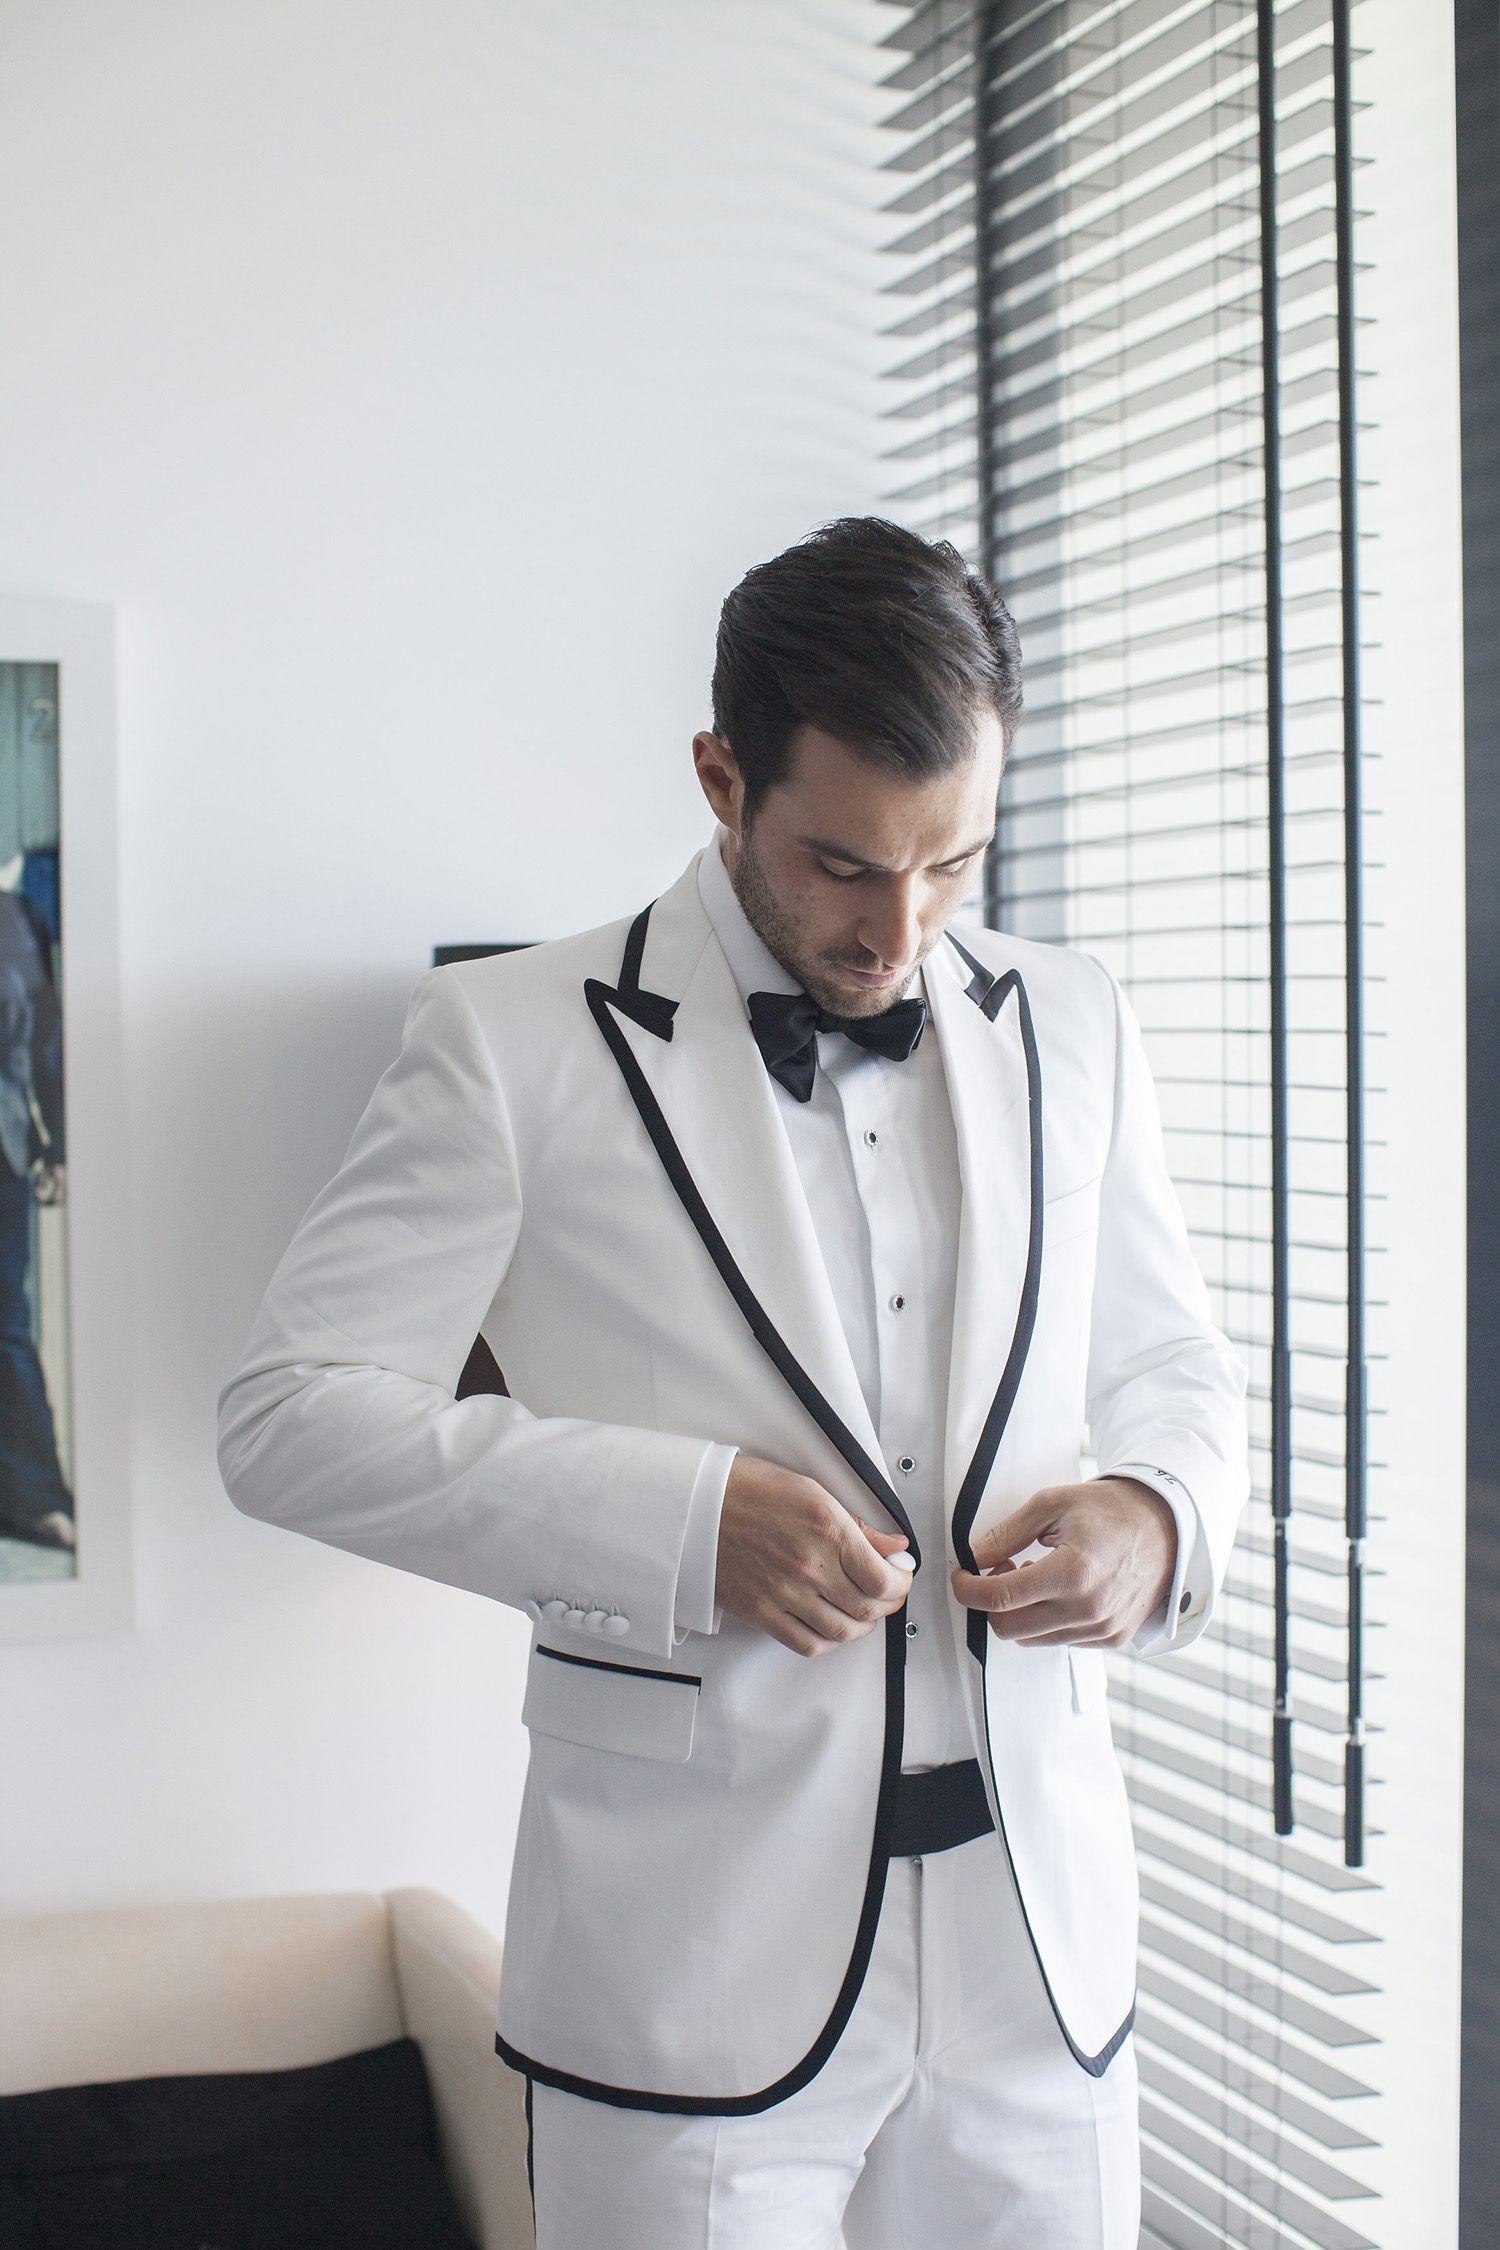 Wedding Tuxedo, Wedding Suit, White Tux, Monochrome Suit, White ...